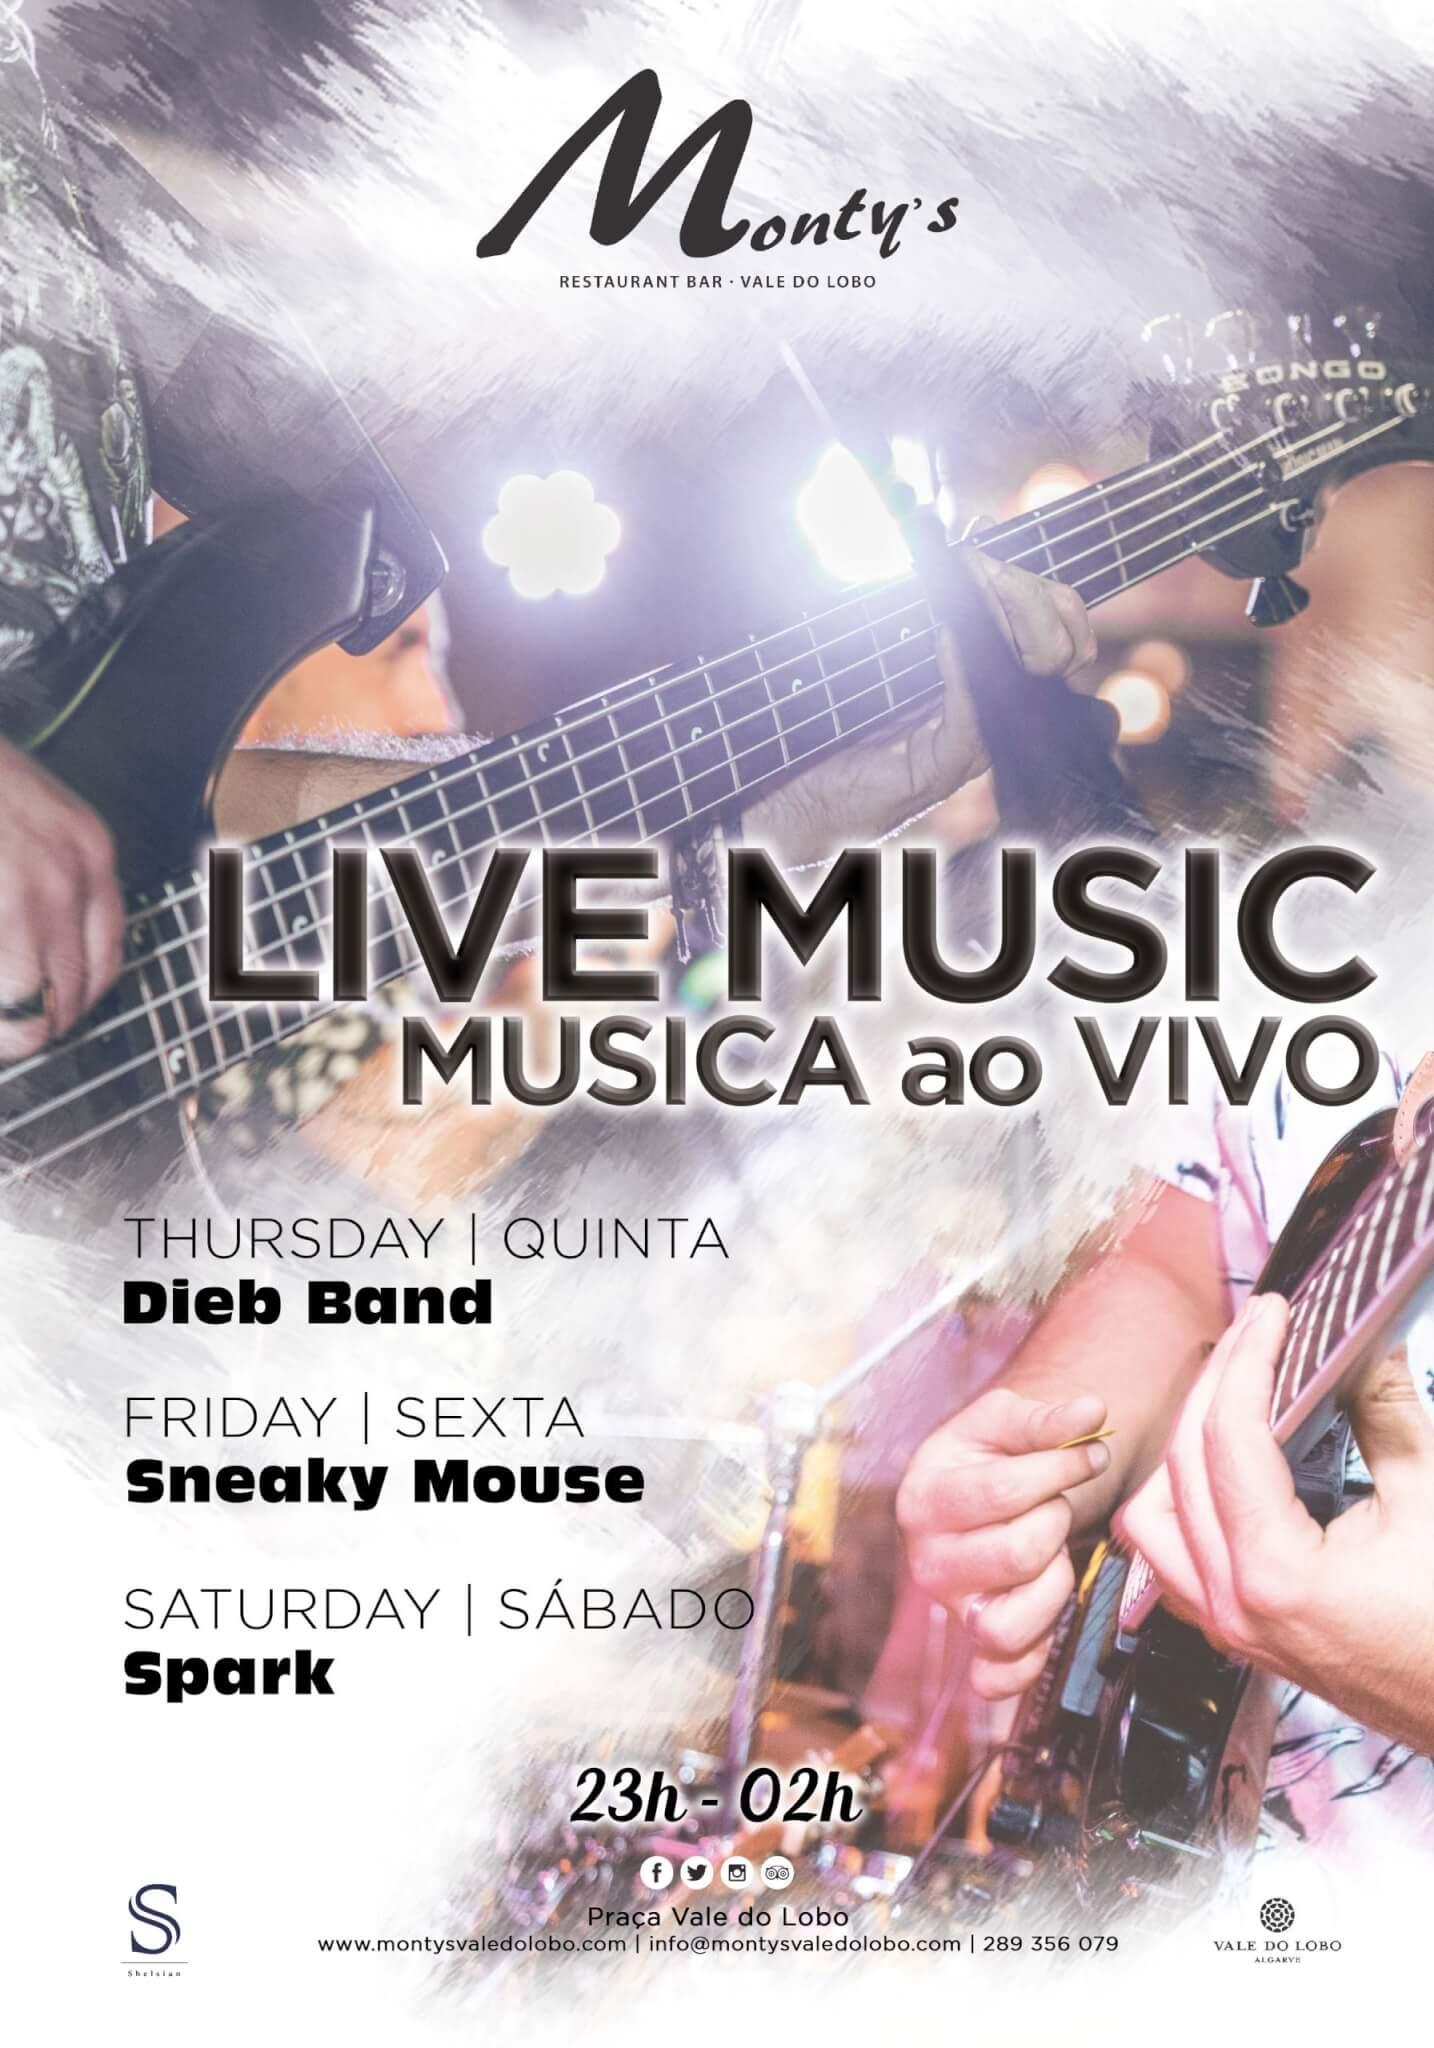 MUSICA AO VIVO - MONTYS